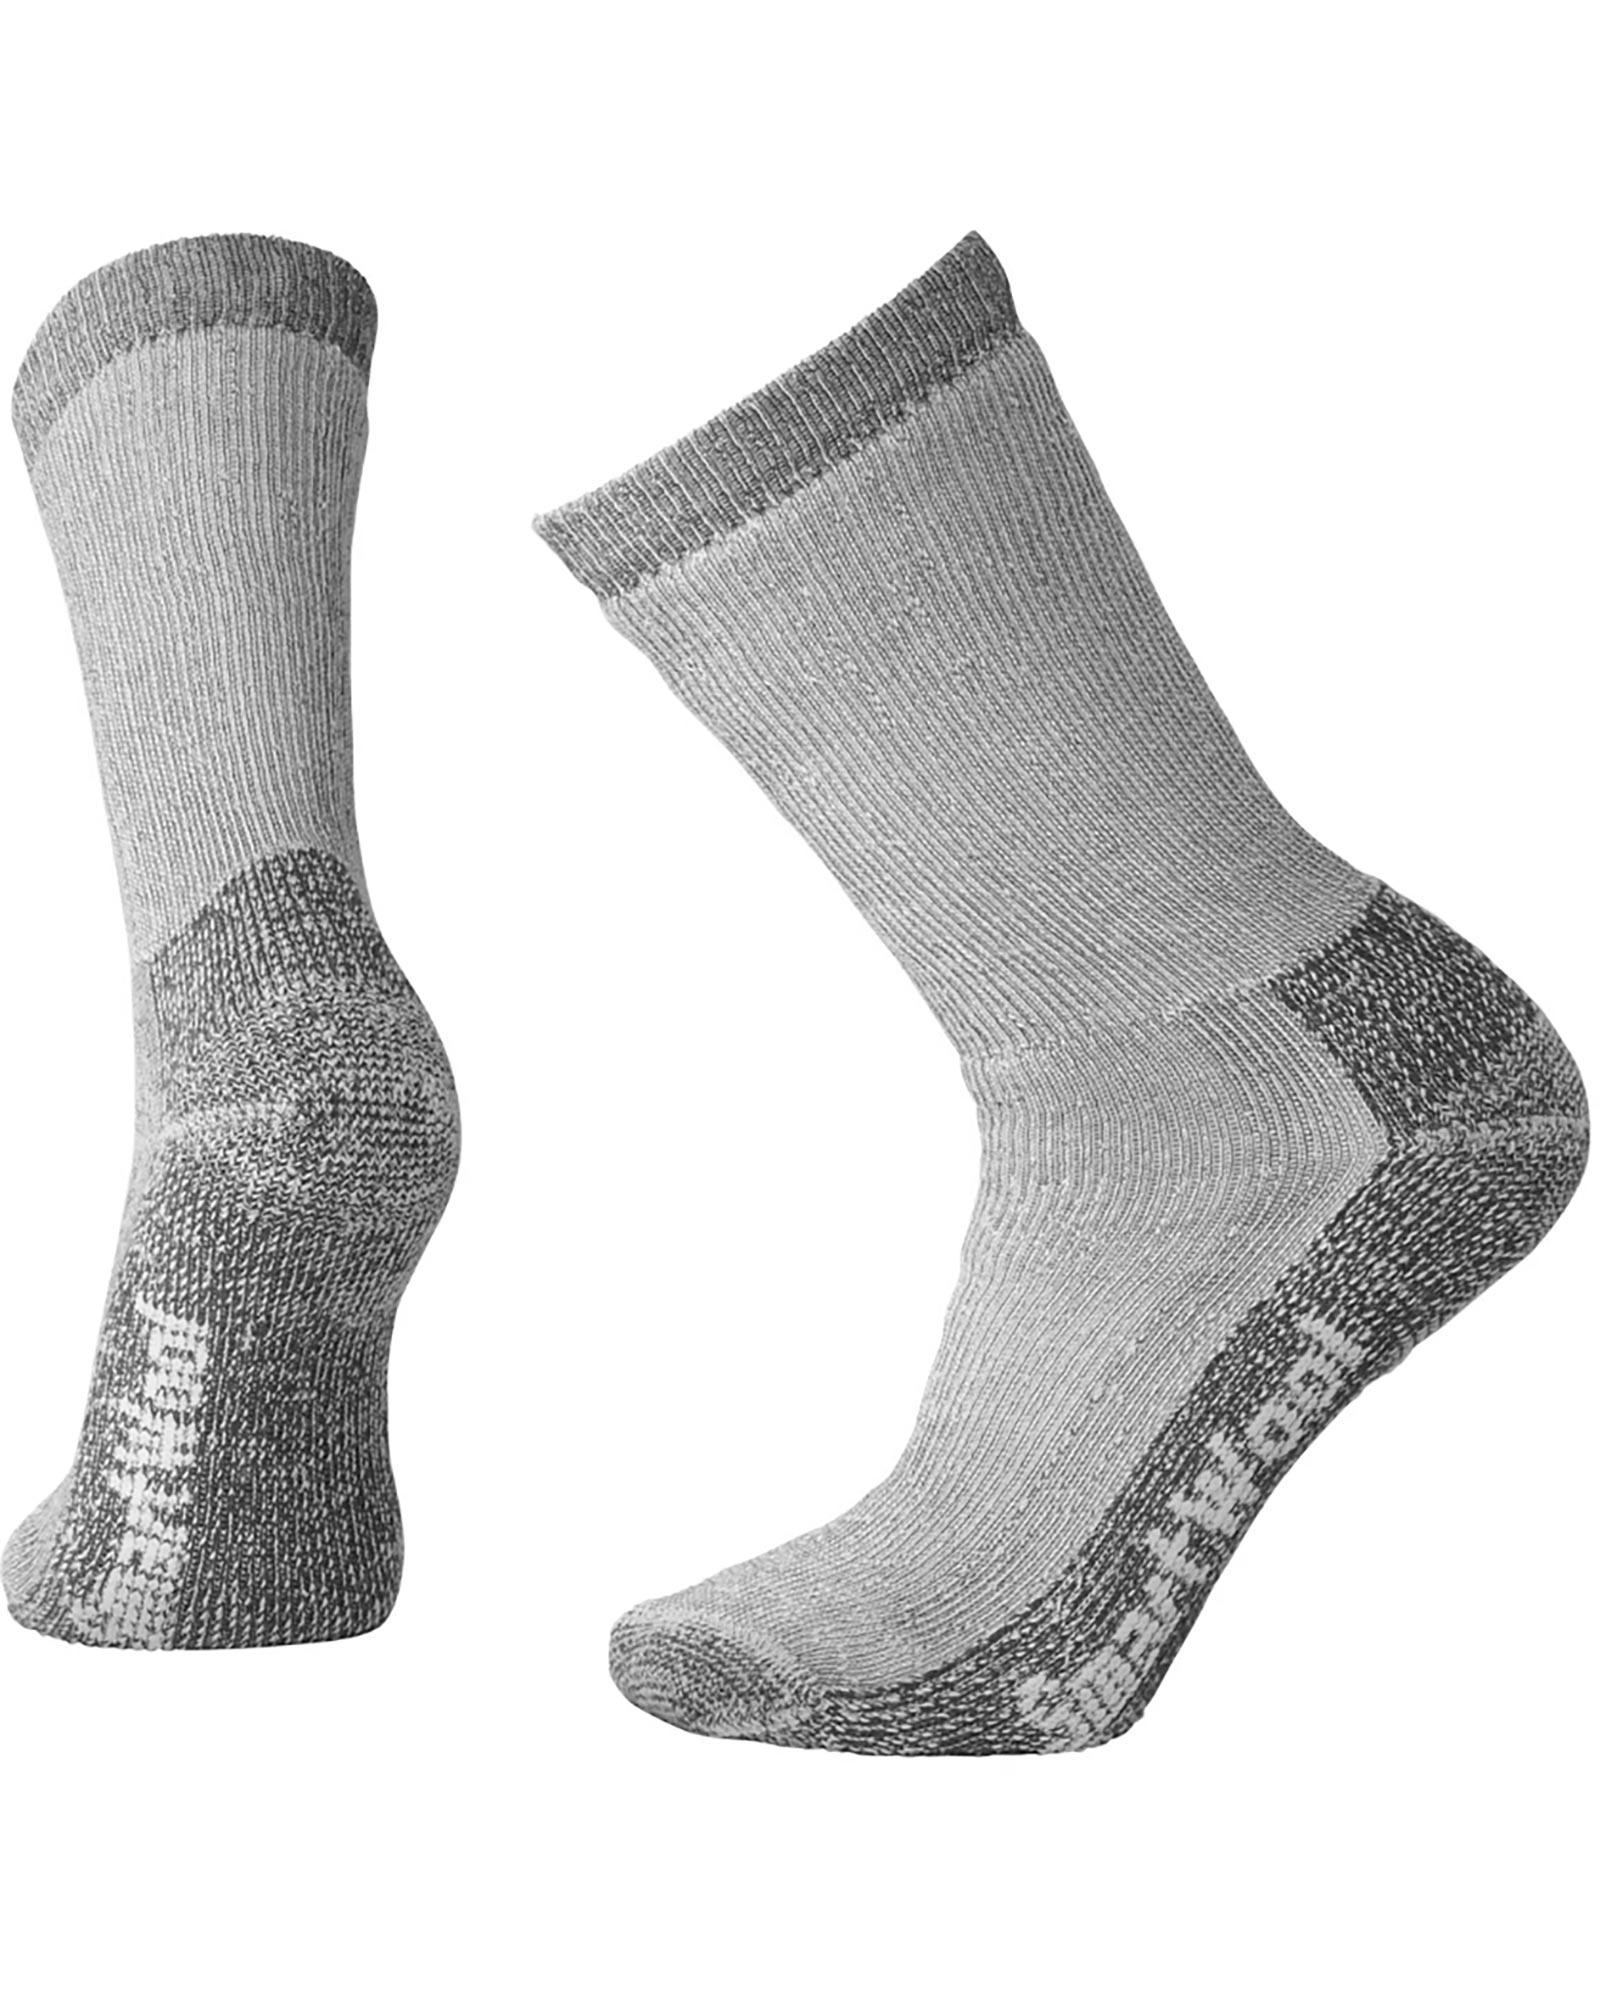 Smartwool Merino Trekking Heavy Crew Socks 0